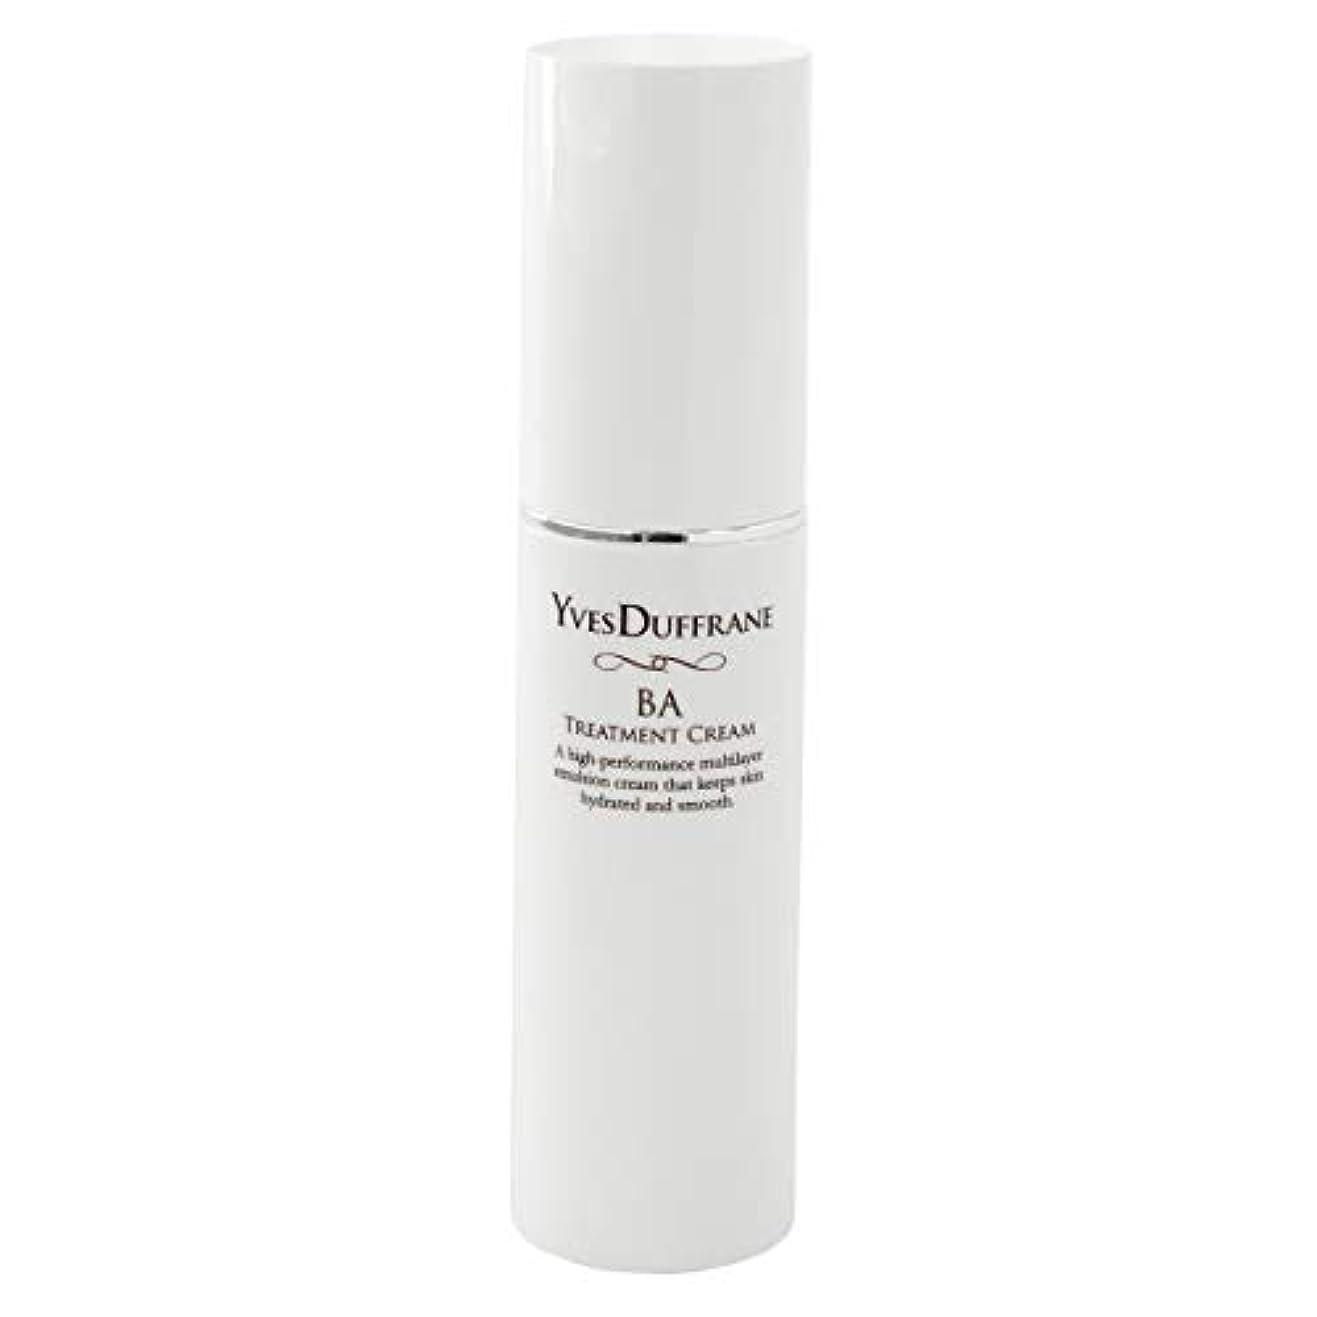 新年あいにく小人セラミド 美容クリーム [BAトリートメント クリーム ] 顔 目元 敏感肌 保湿 セラミド ビタミンC誘導体 バイオアンテージ配合